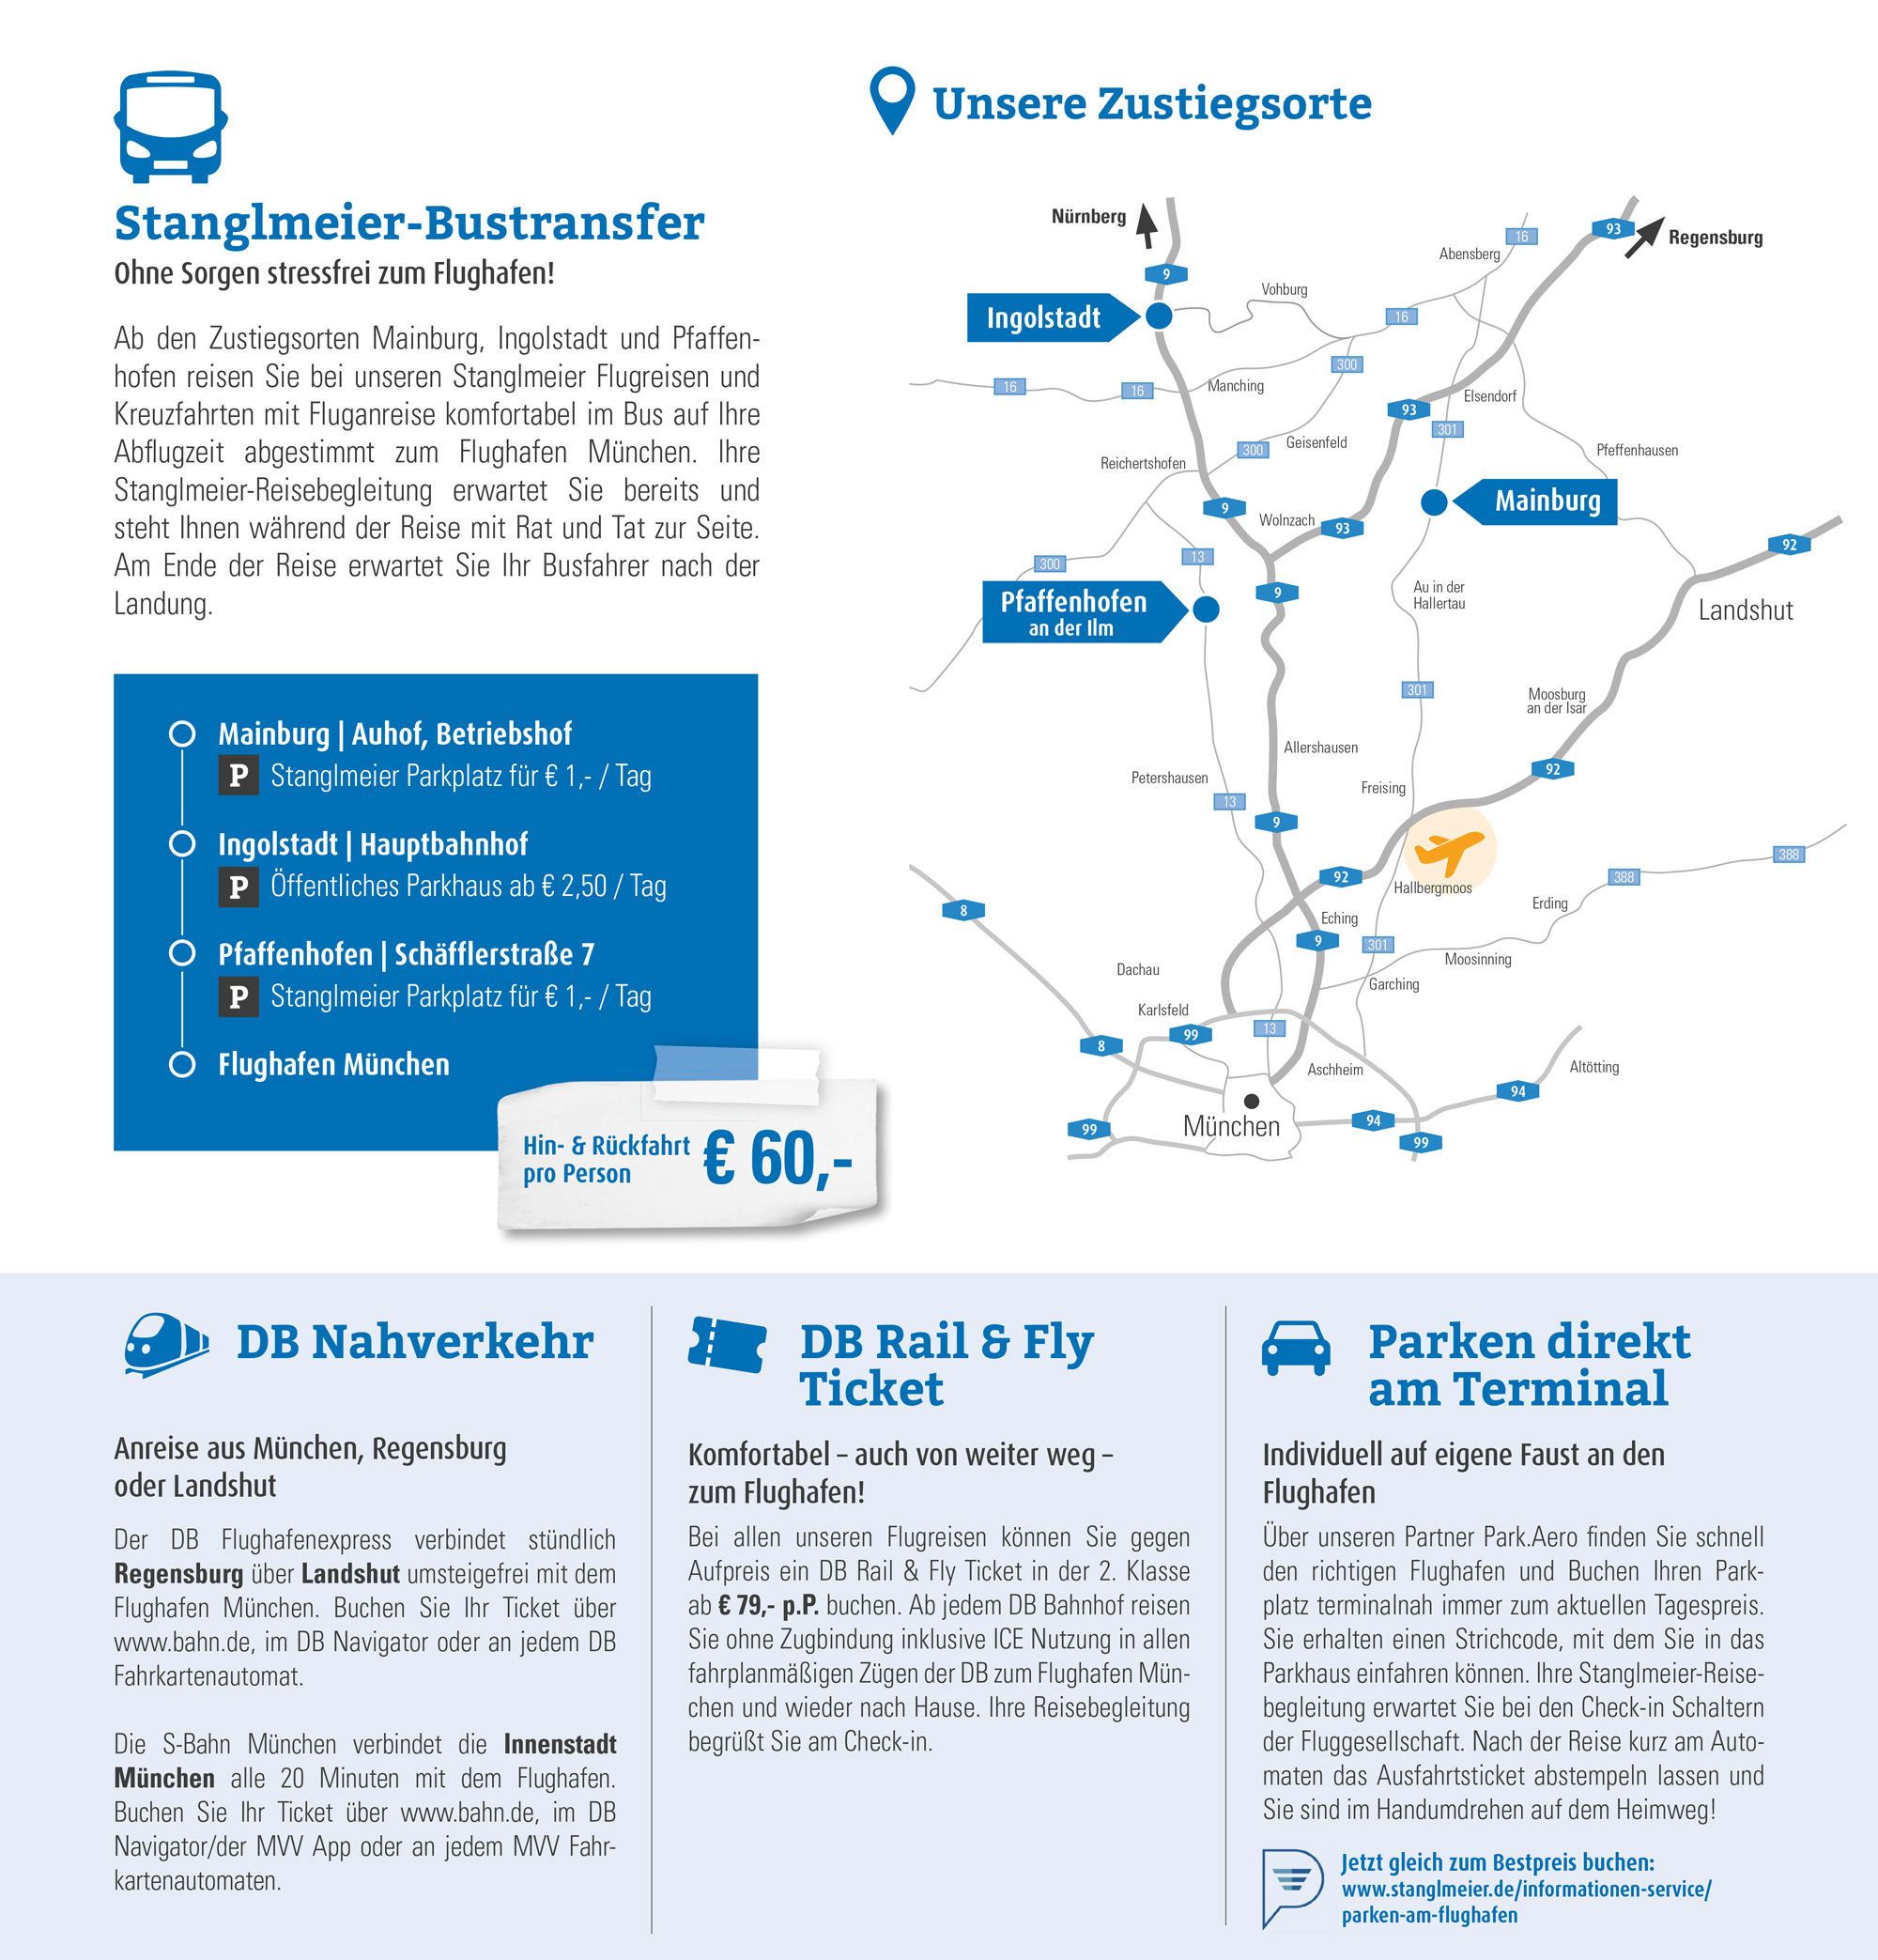 2020-07_Flughafentransfer-Stanglmeier